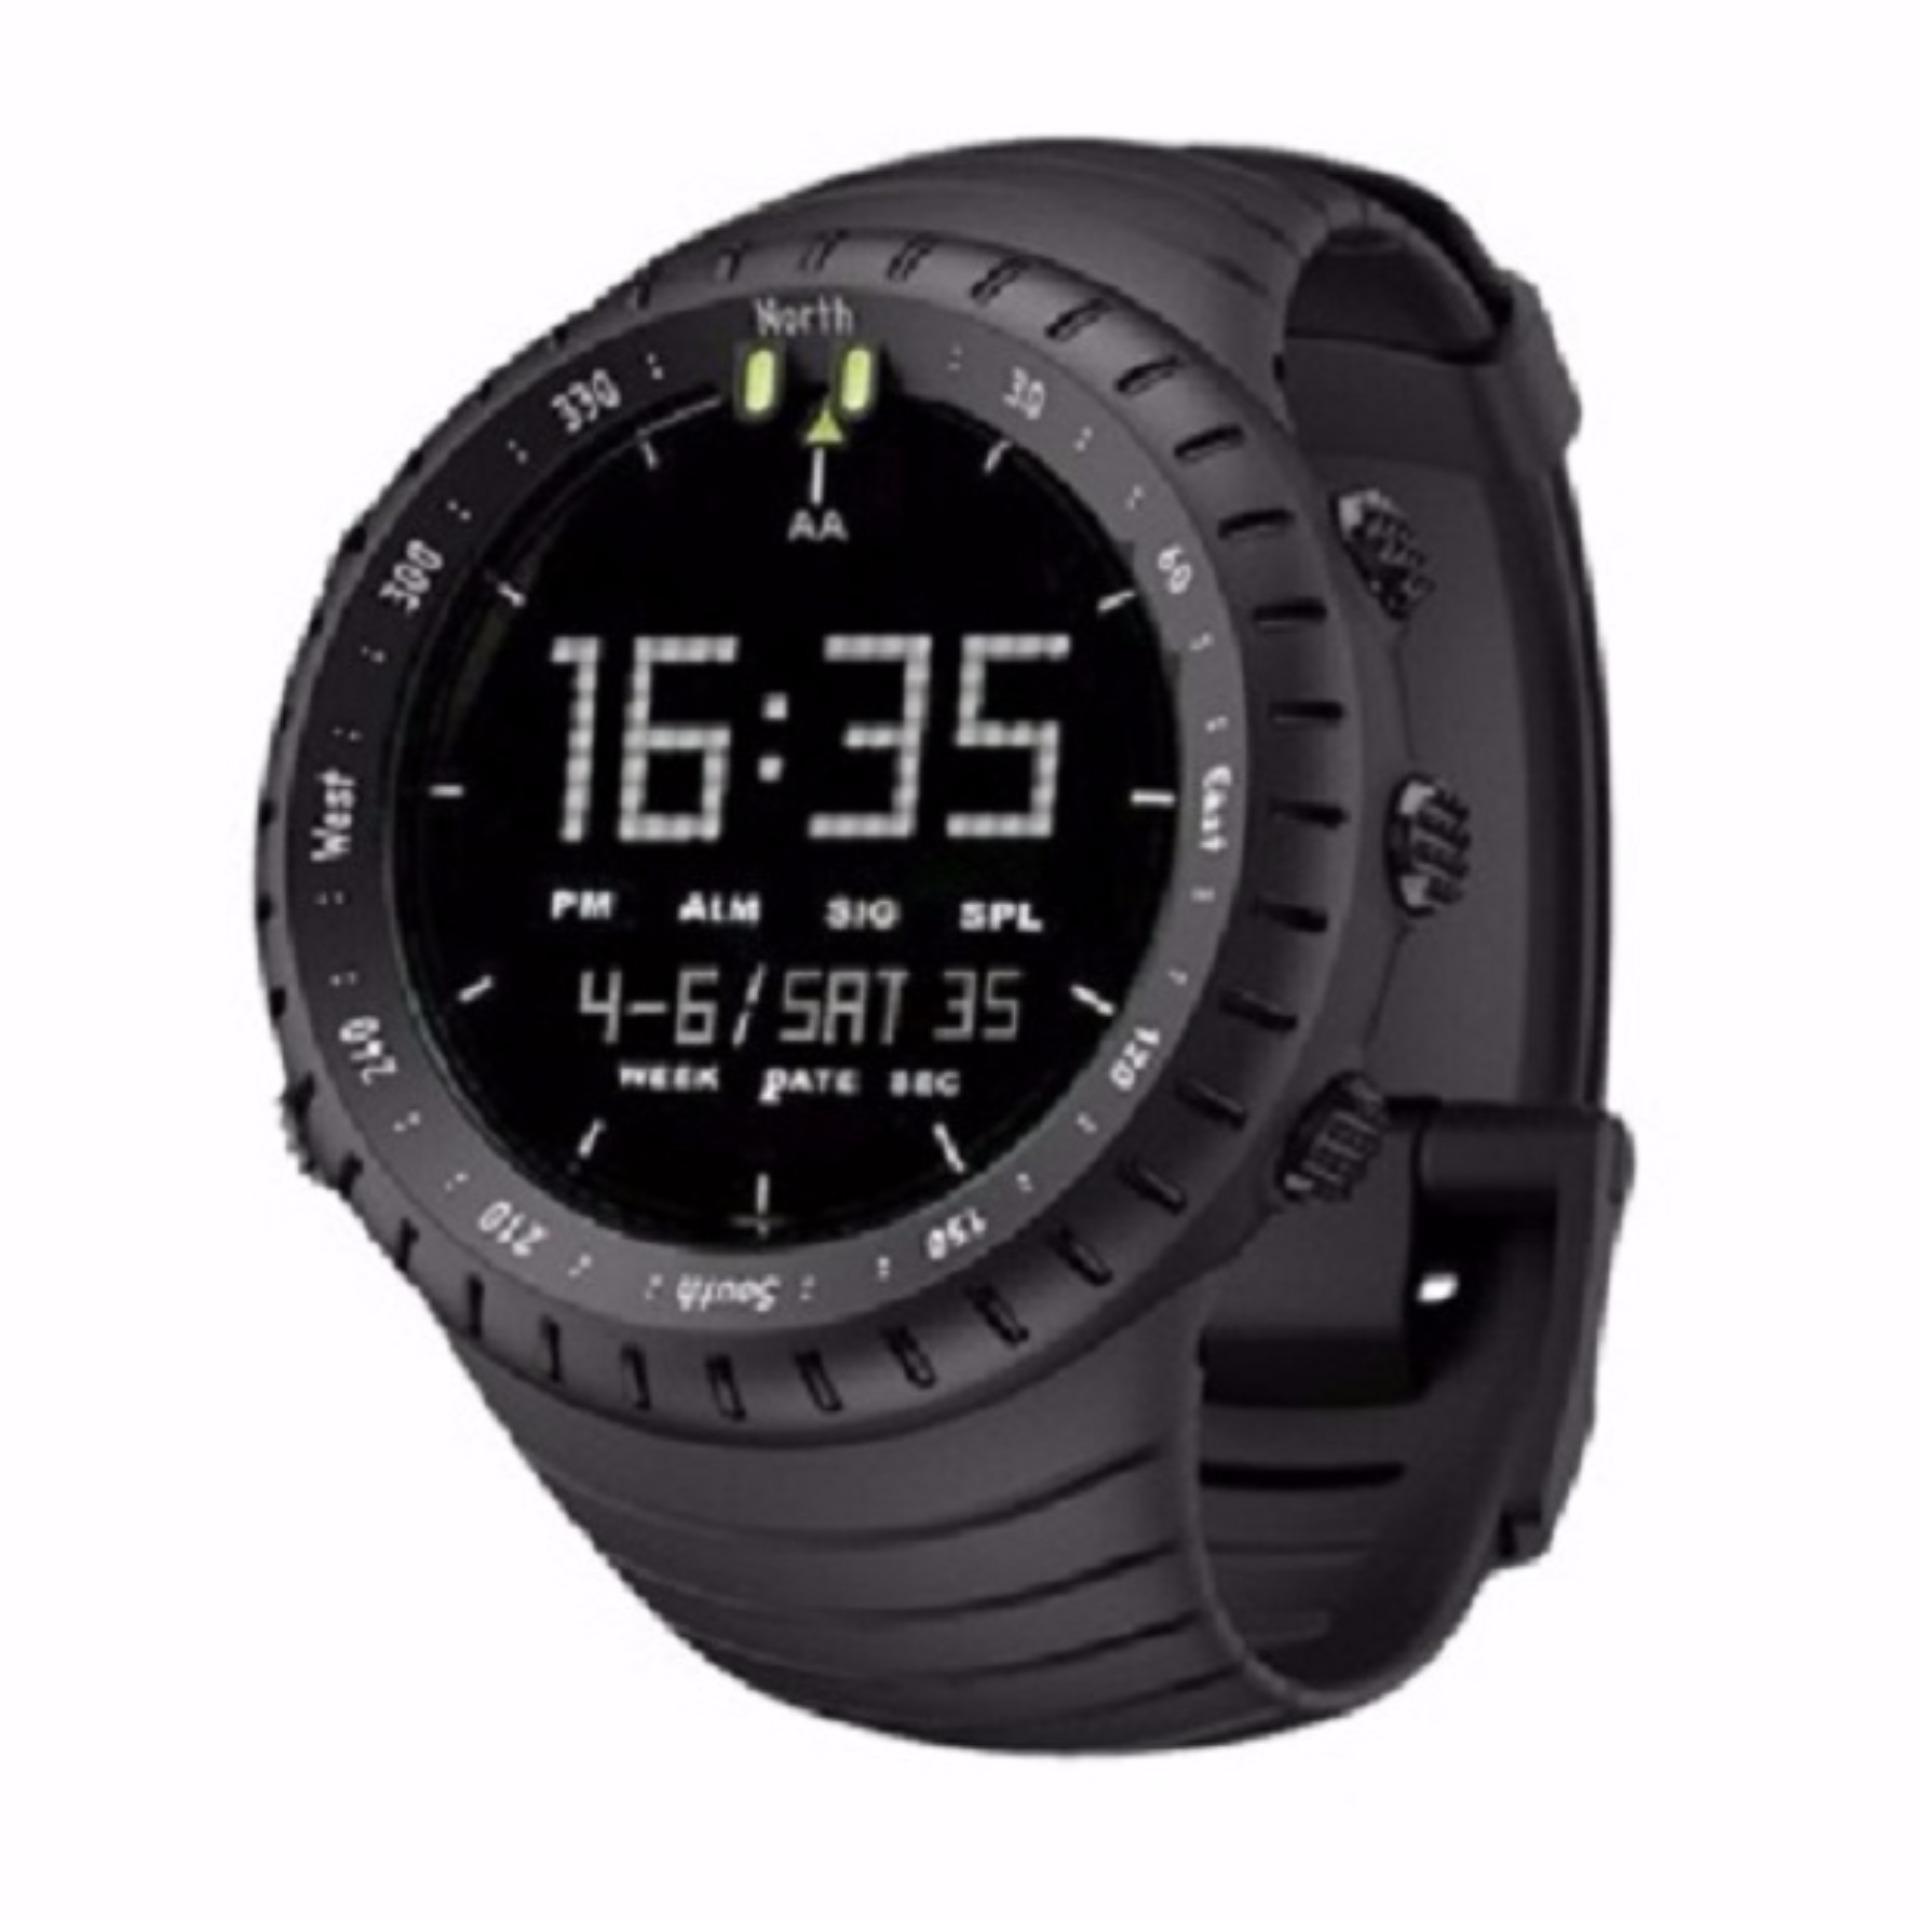 Jam Tangan LED Digital Outdoor Sporty Touring Adventure Water Resistant Tahan Anti Air Kekinian Untuk Anak Pria Wanita Dewasa -  Hitam Premium